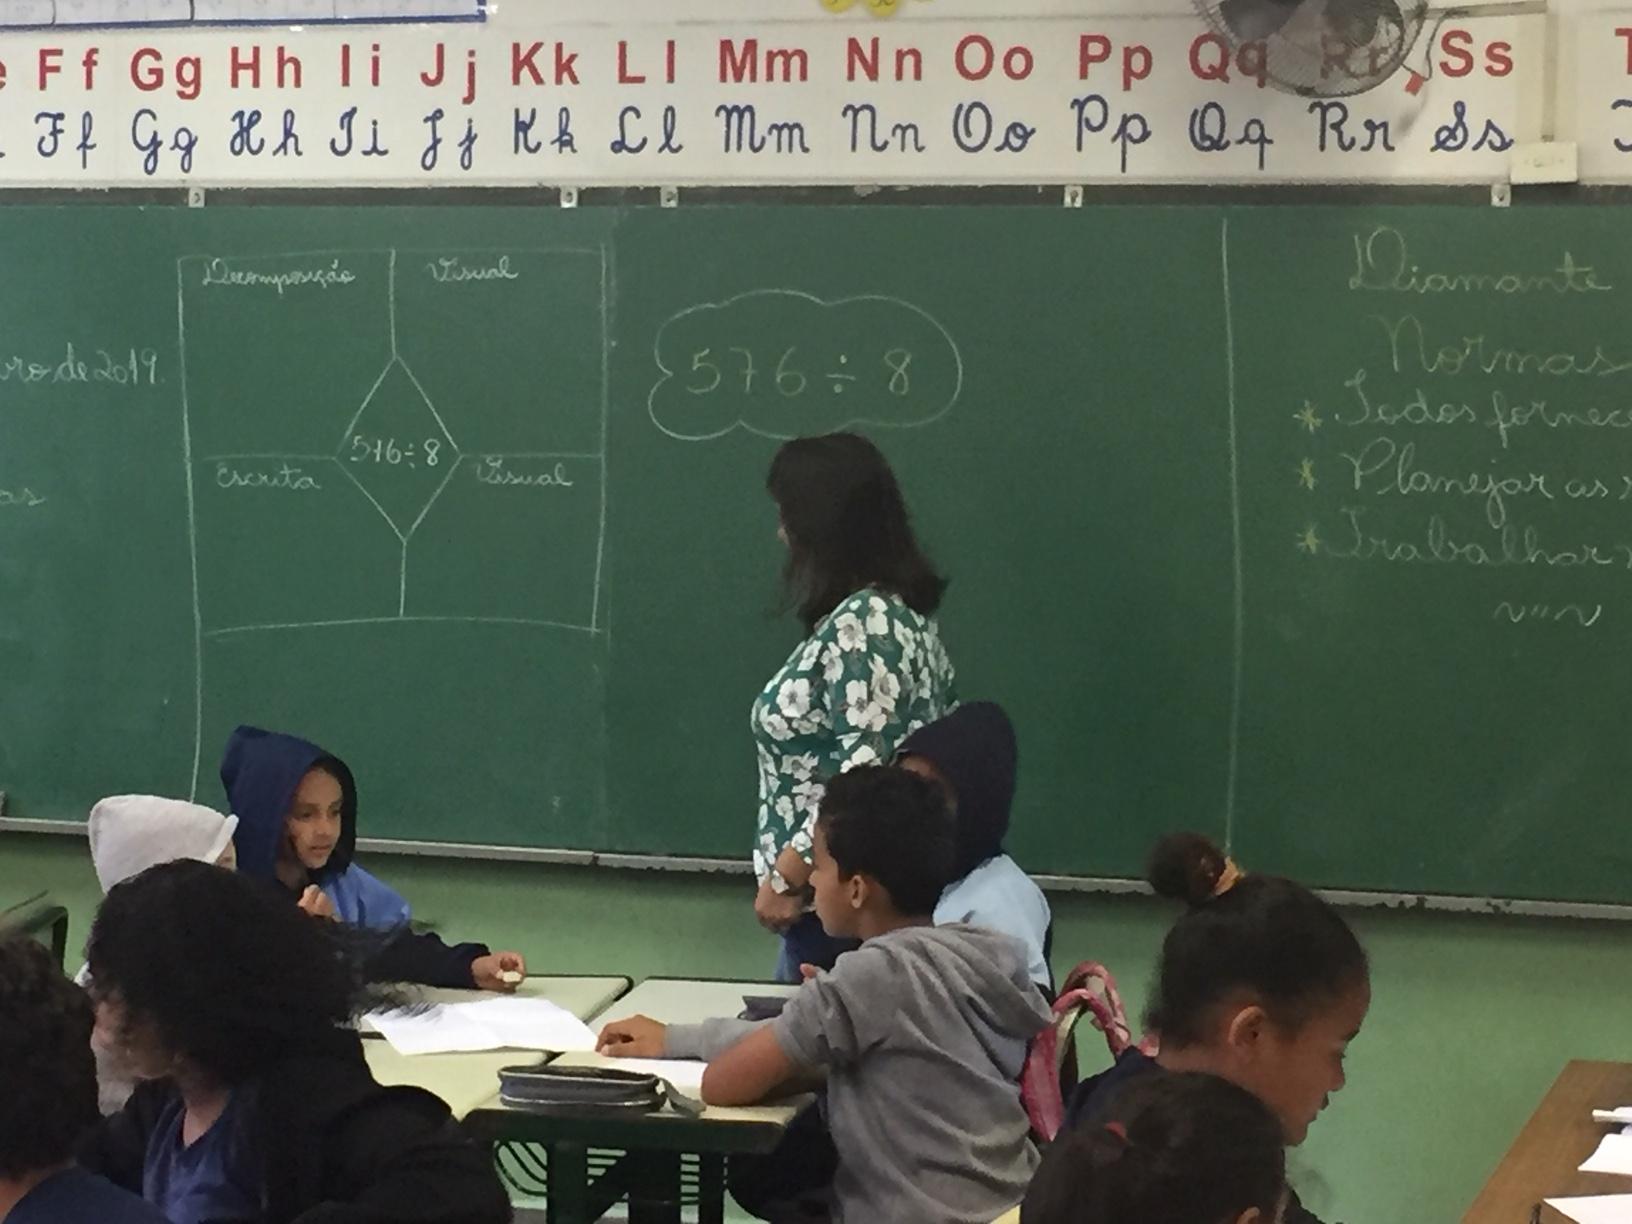 Com abordagem matemática inovadora, colégio público dá salto em desempenho